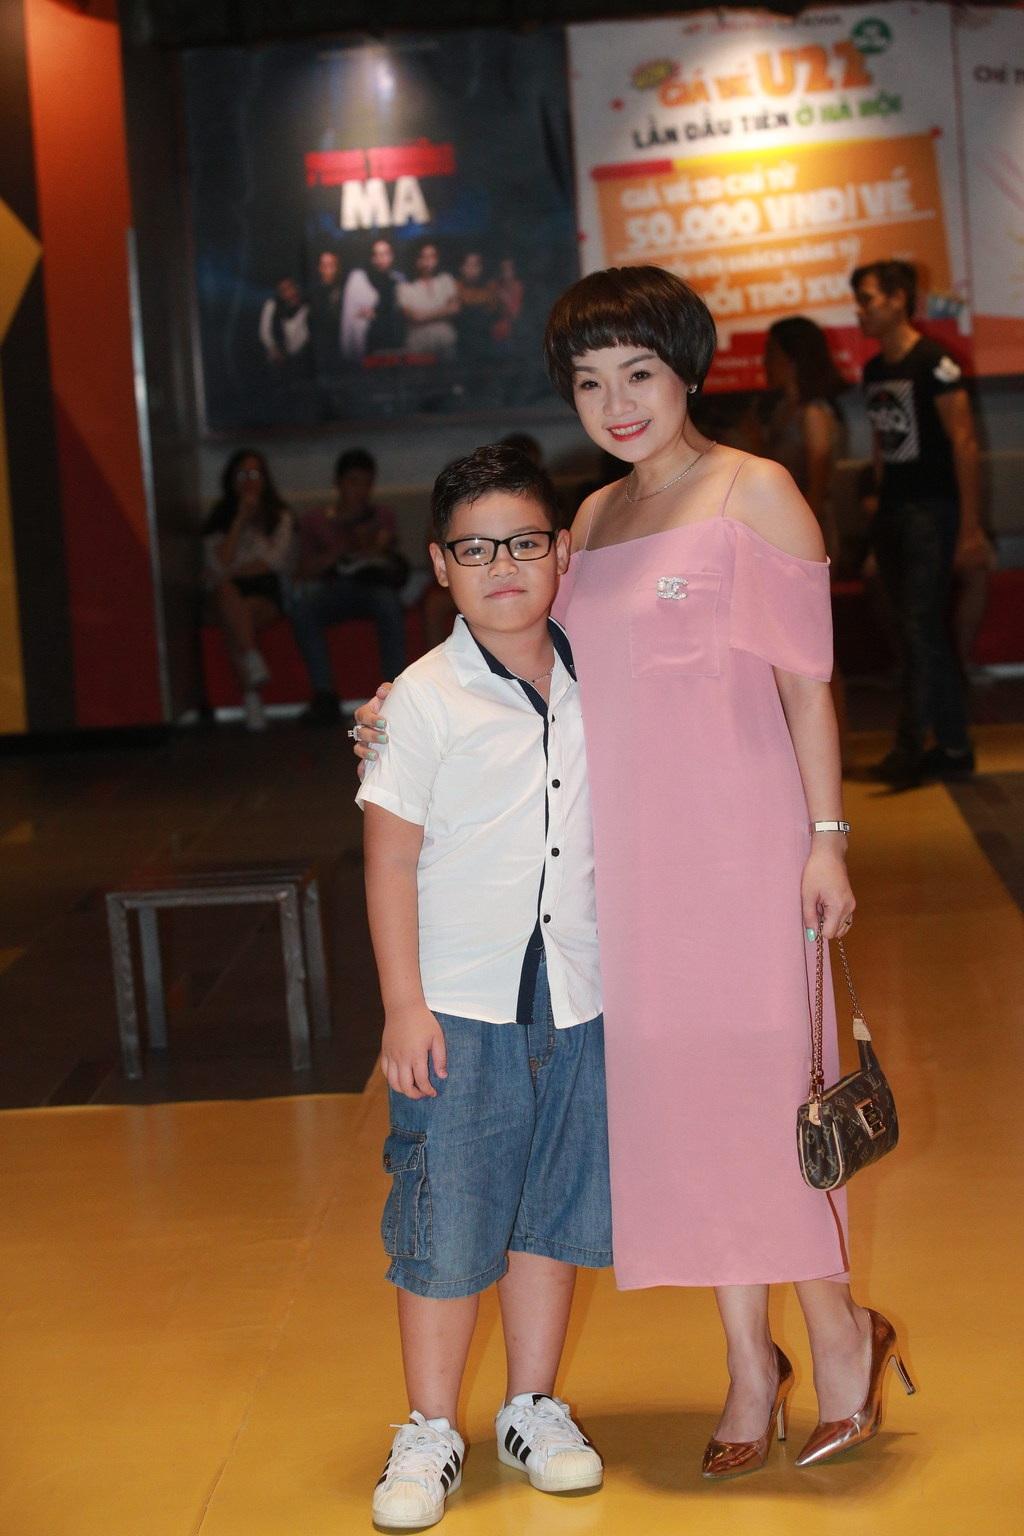 Đôi bạn thân Khánh Linh và Ngọc Khuê cũng đến dự lễ ra mắt phim. Ngọc Khuê cho con trai Tony đi cùng, còn Khánh Linh lại đi một mình.